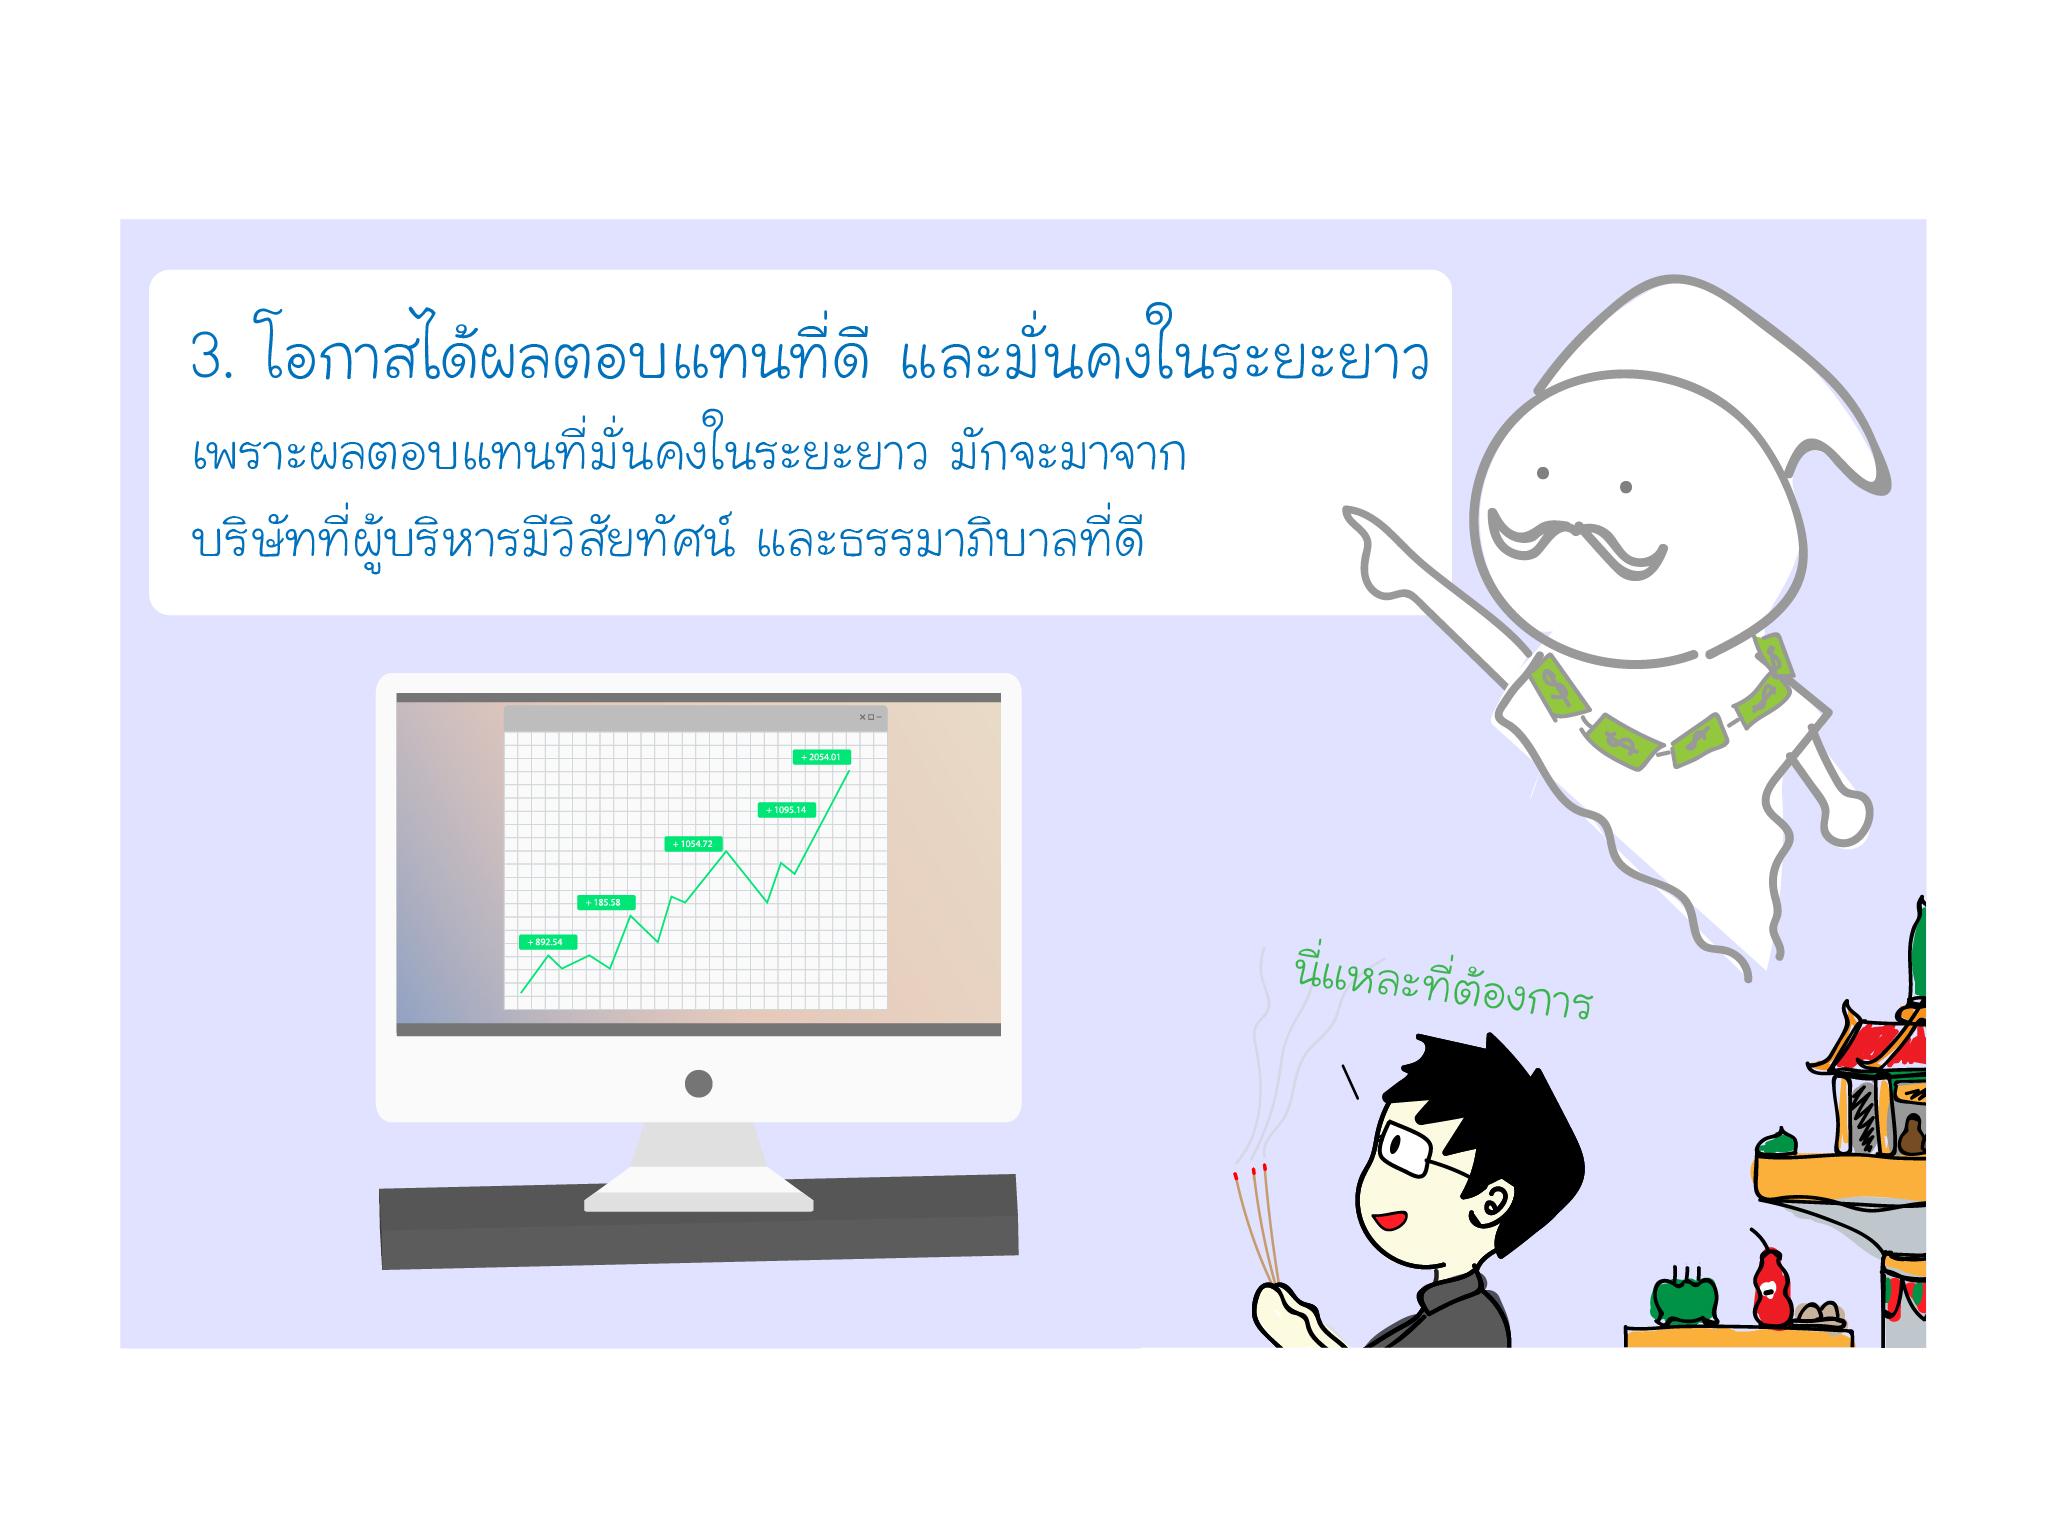 ศาลเจ้าพ่อลงทุน - CG Fund_Artboard 1 copy 6